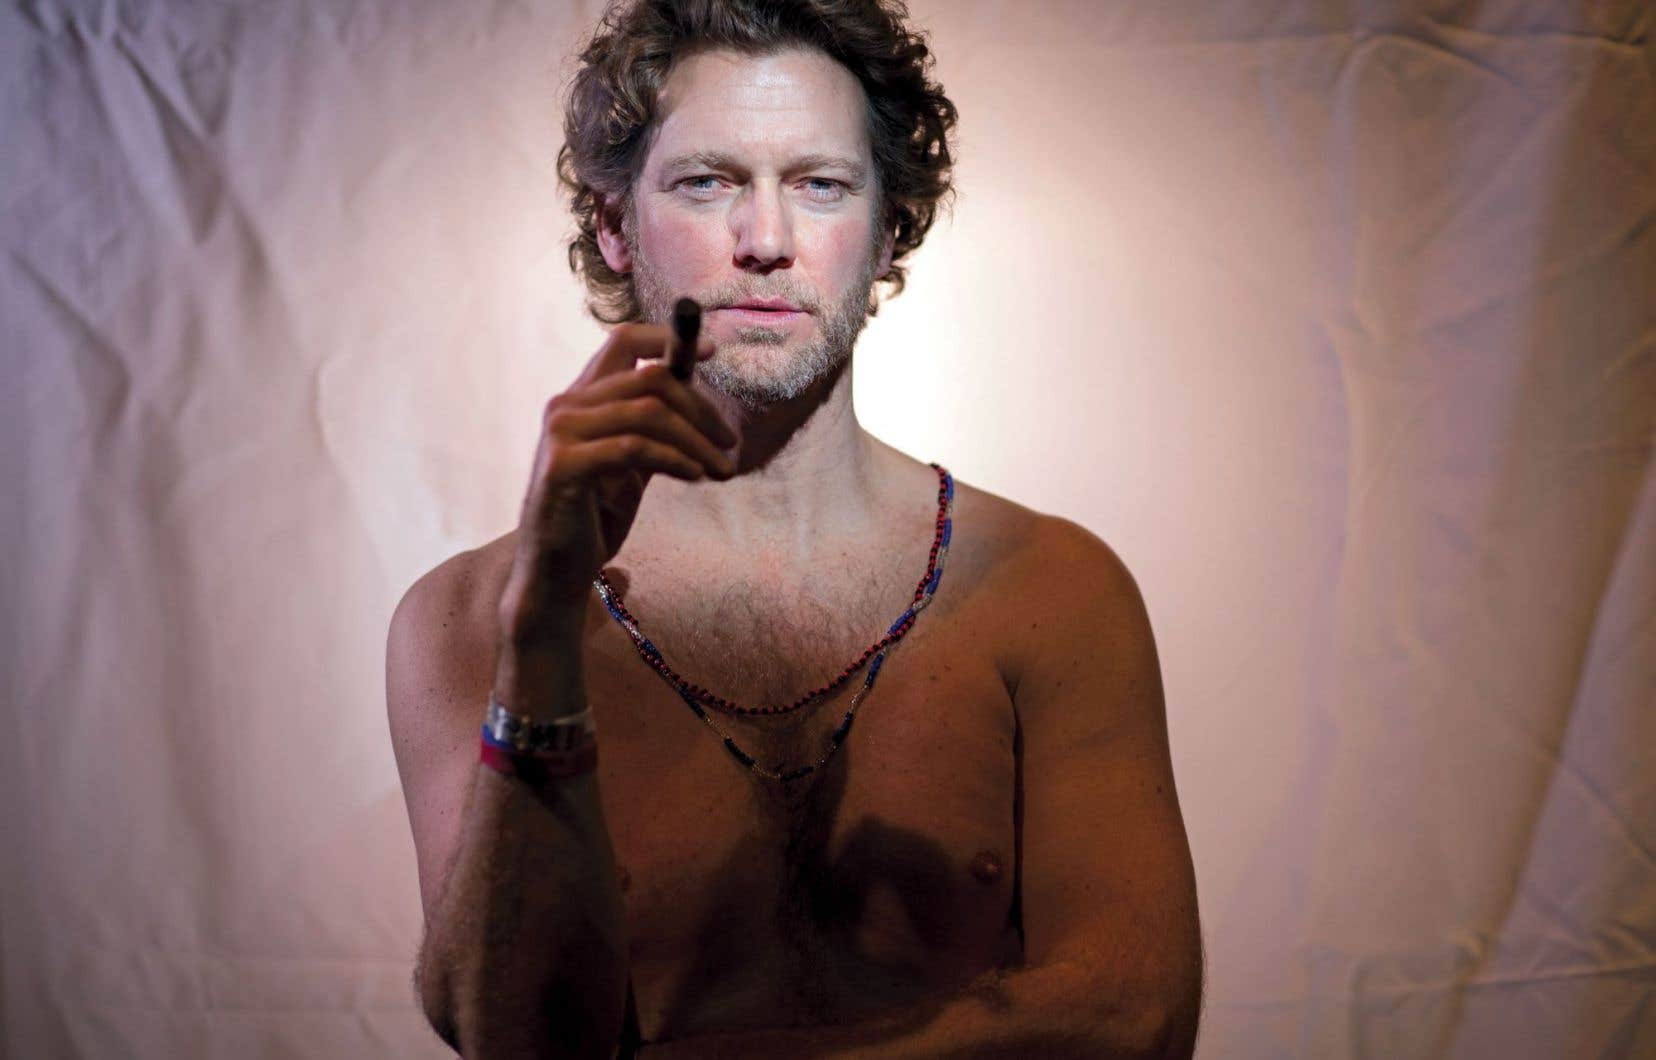 Benjamin Sioui est-il l'alter ego de son auteur? Quoi qu'il en soit, les deux nous font entrer de plain-pied dans la Santeria, cette espèce de vaudou cubain.